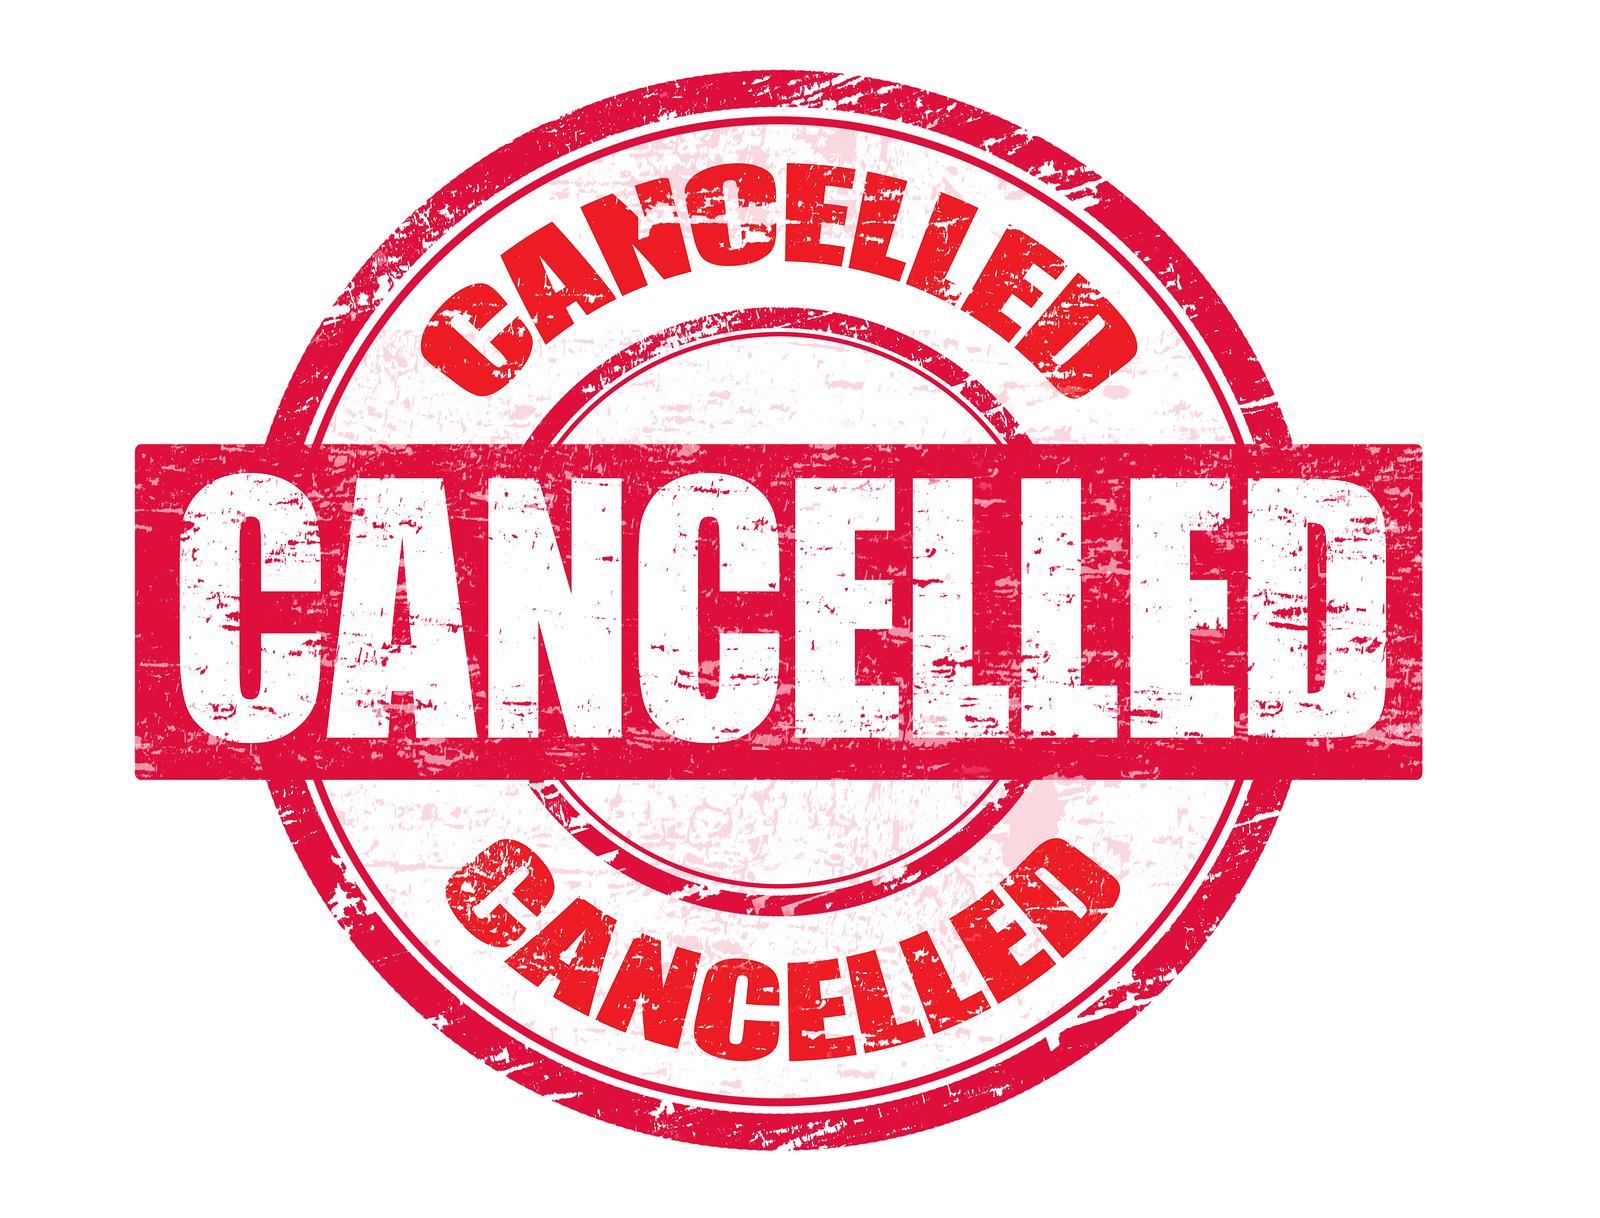 コロナウィルス(COVID-19)による航空券のキャンセルはいつするべきか